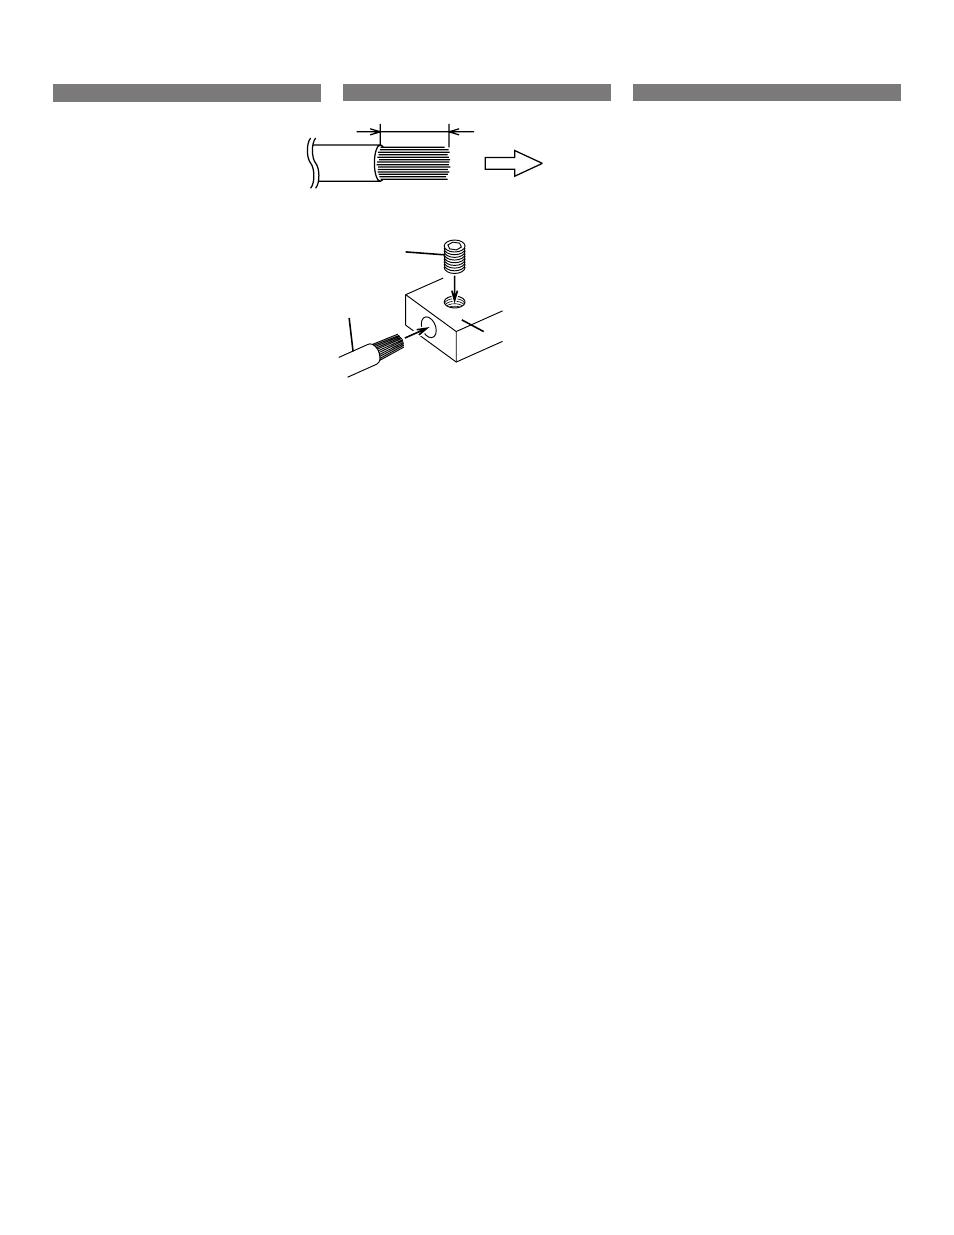 ALPINE MRV F340 MANUAL PDF